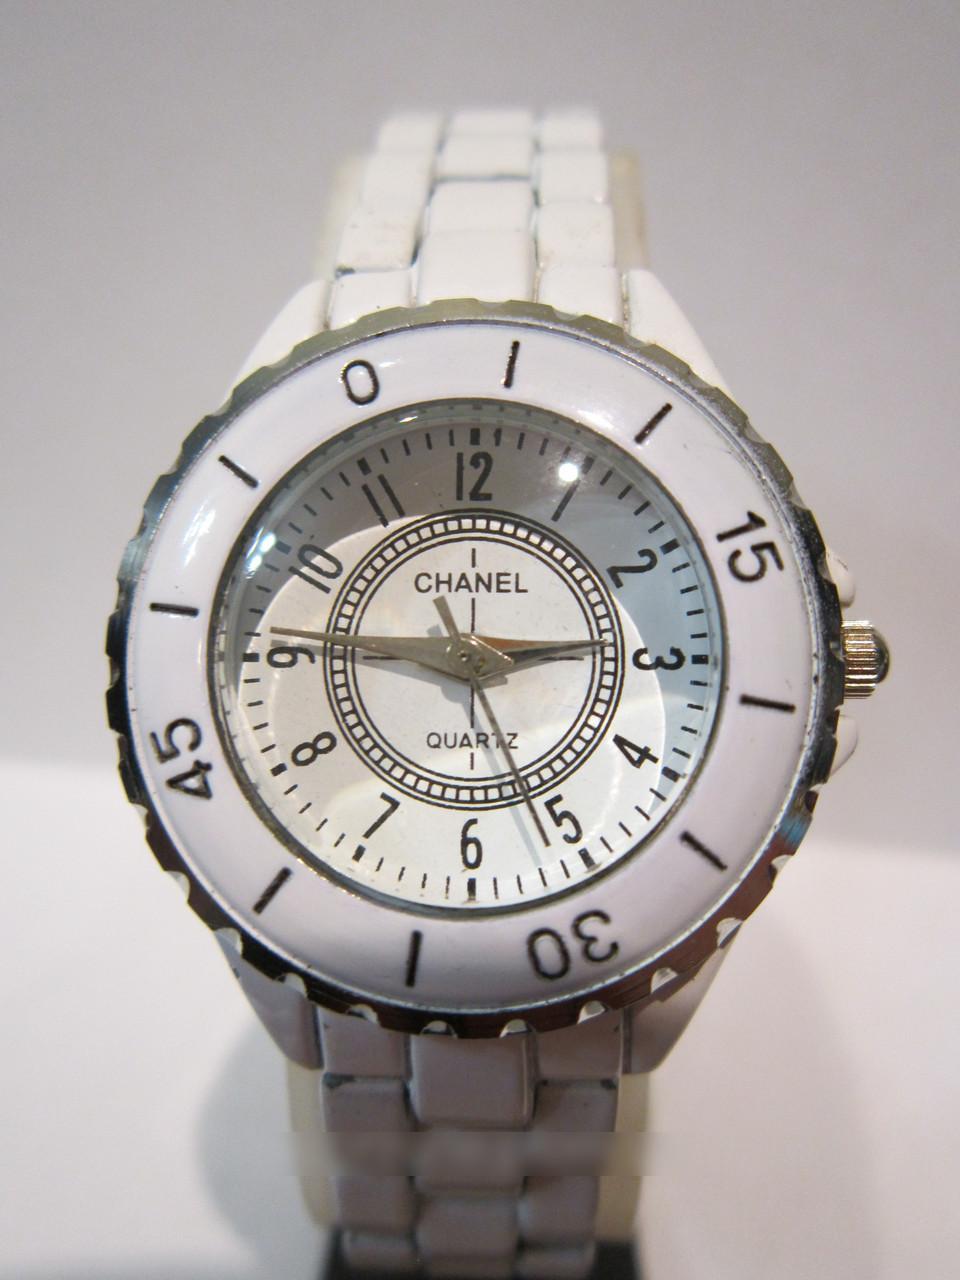 Наручные часы Chanel купить чернигов